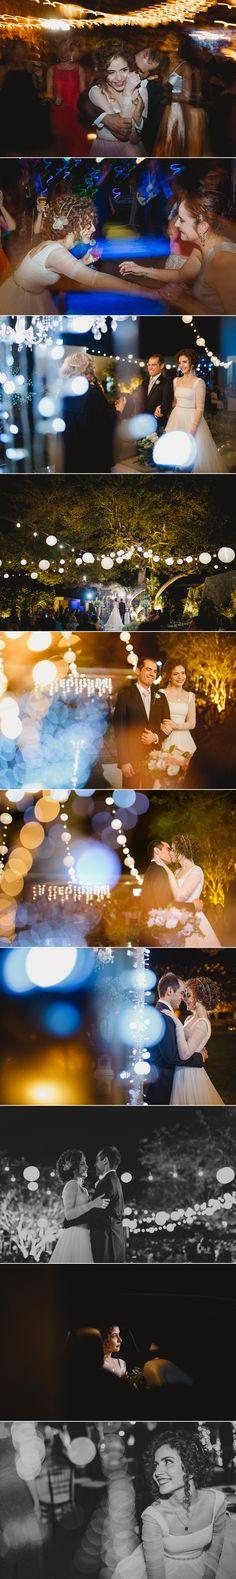 Casamento, iluminação de casamento, luzes de quermesse, fotos de casamento lindas, casamento ao ar livre à noite.